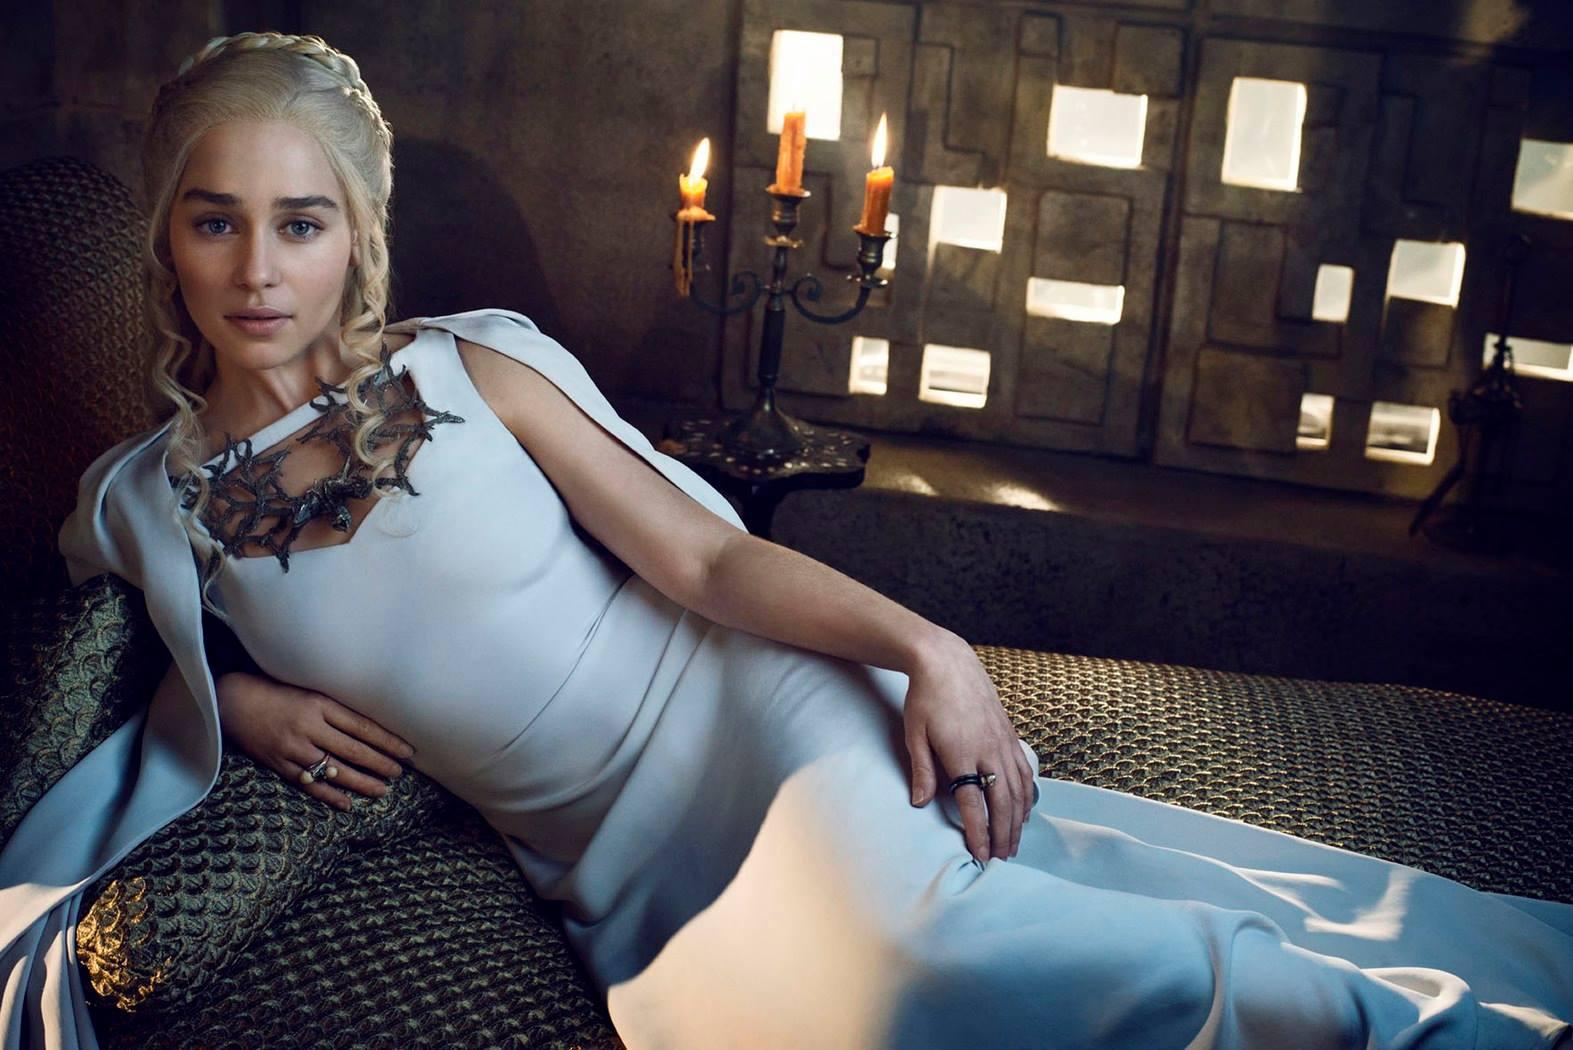 Exitoína · Emilia Clarke revela que foi pressionada para